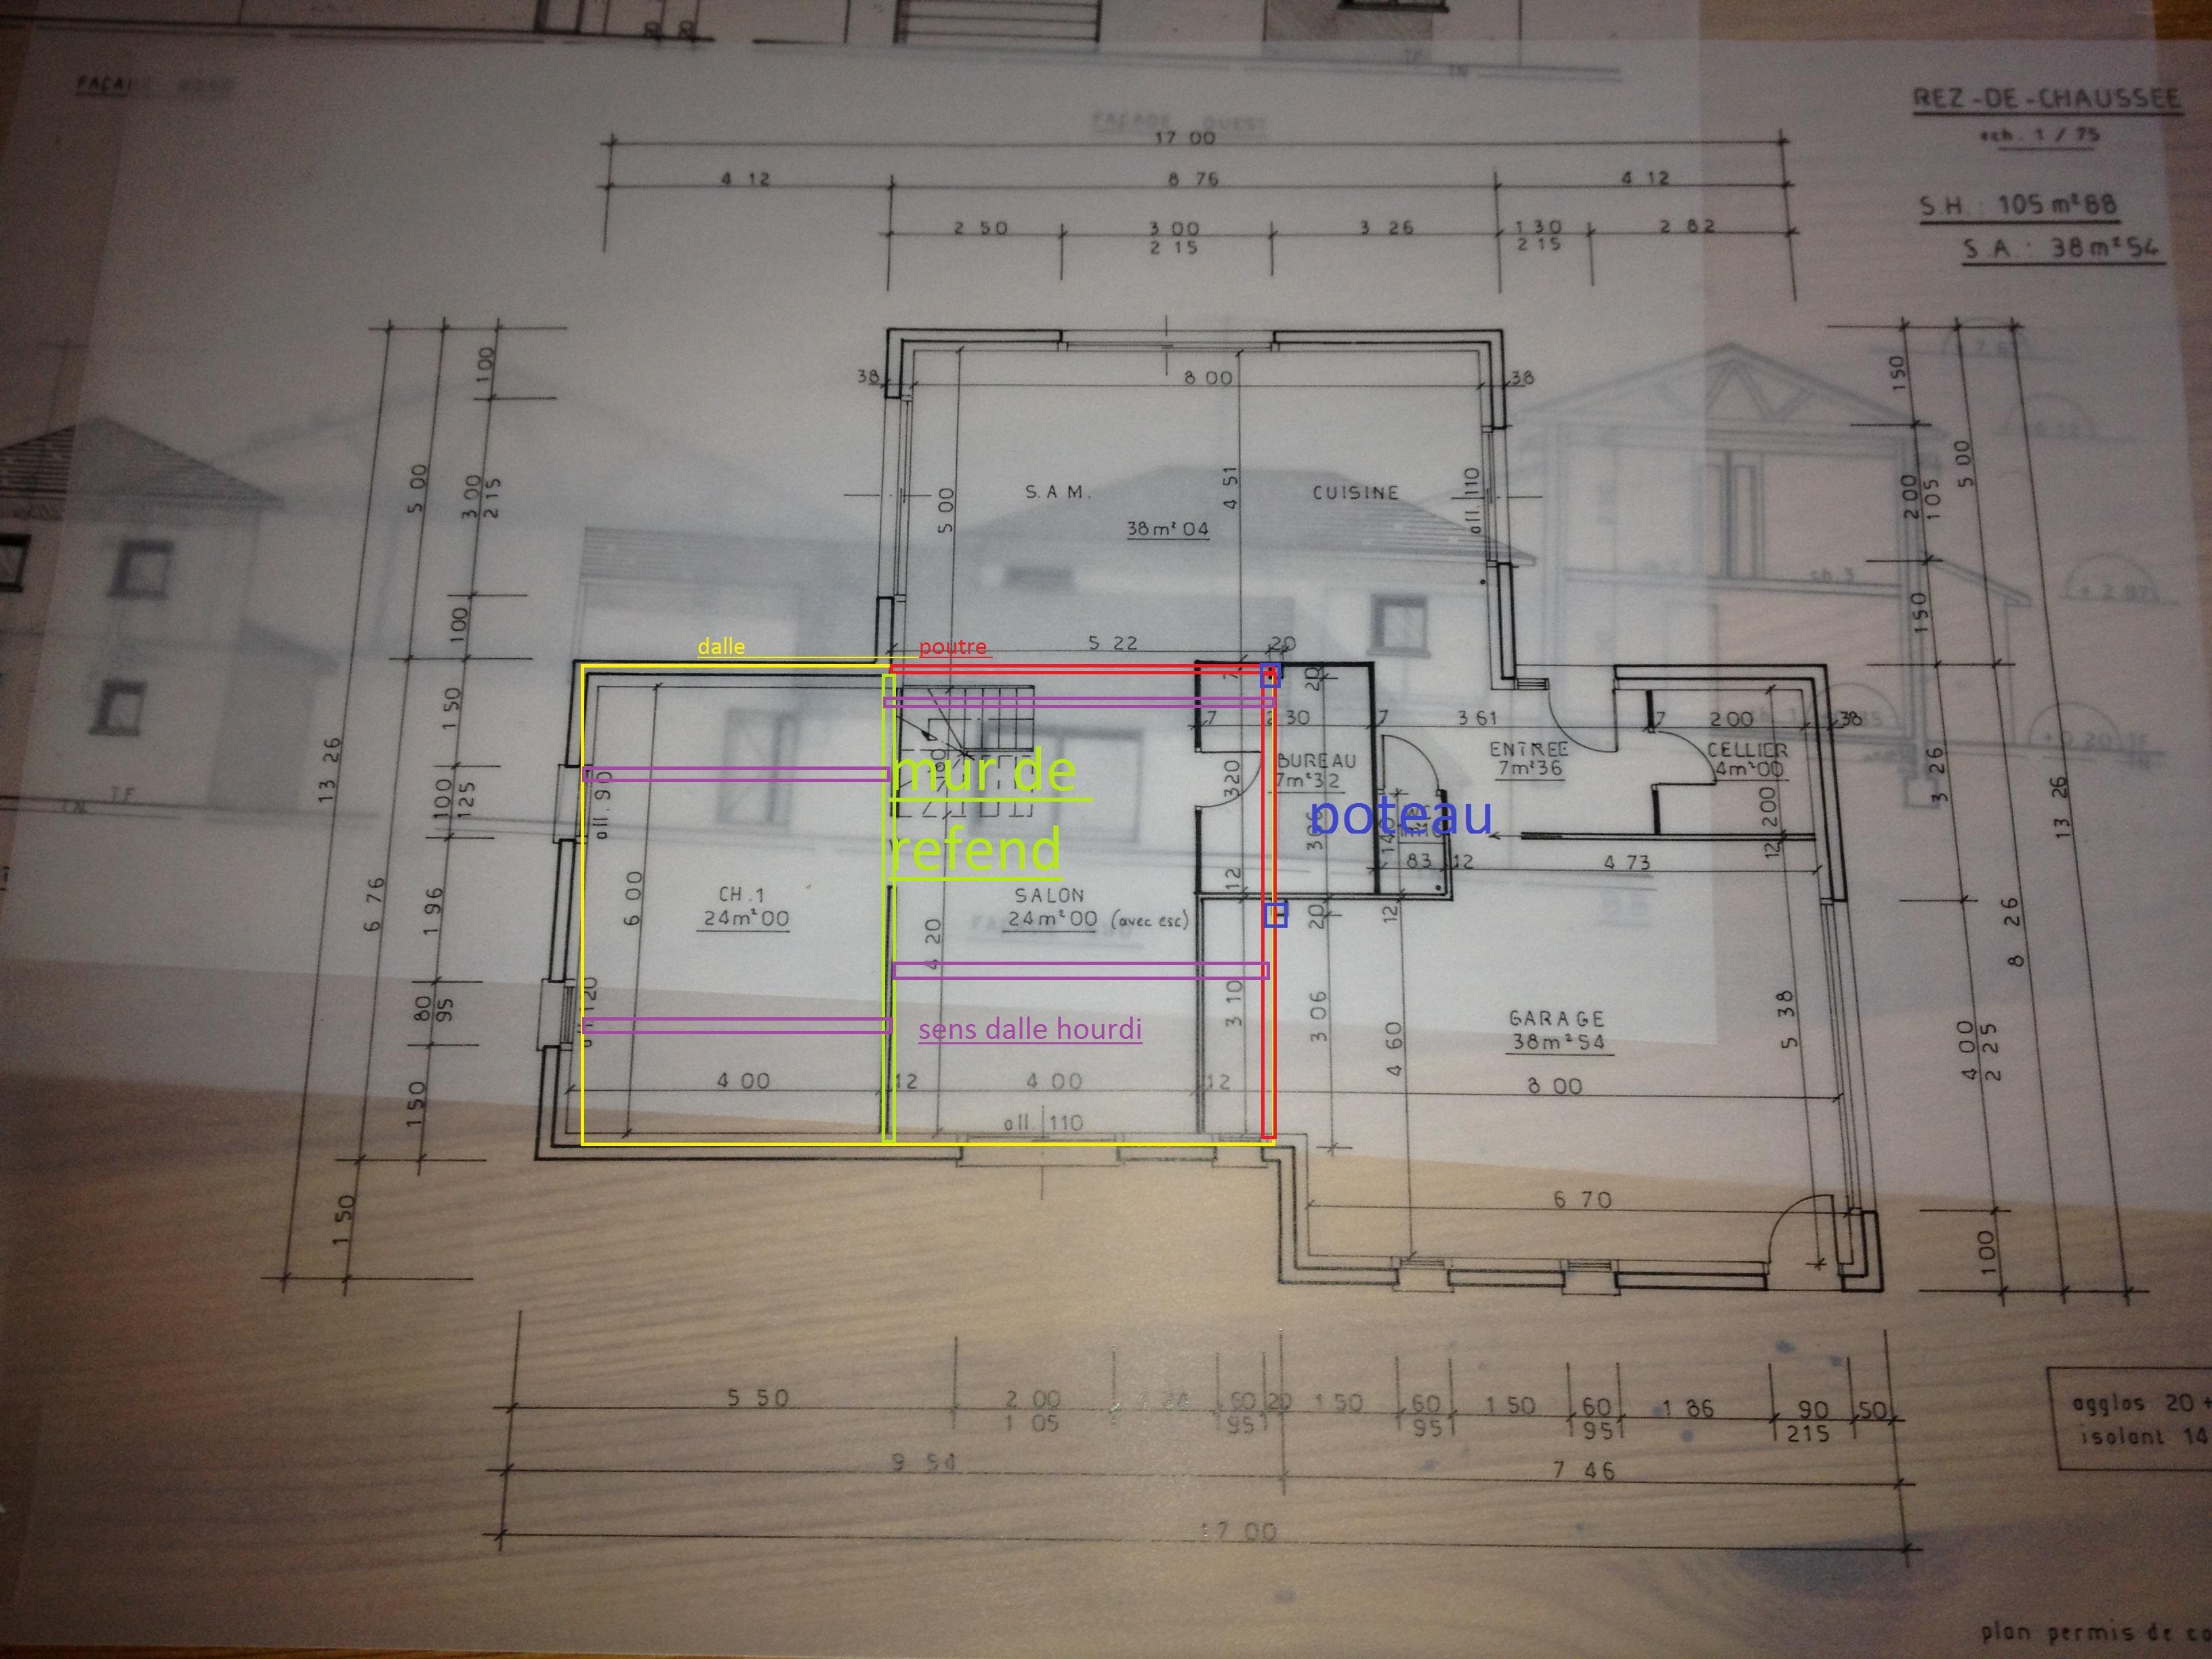 poteaux beton pour soutenir une dalle au 1er etage 21 messages. Black Bedroom Furniture Sets. Home Design Ideas